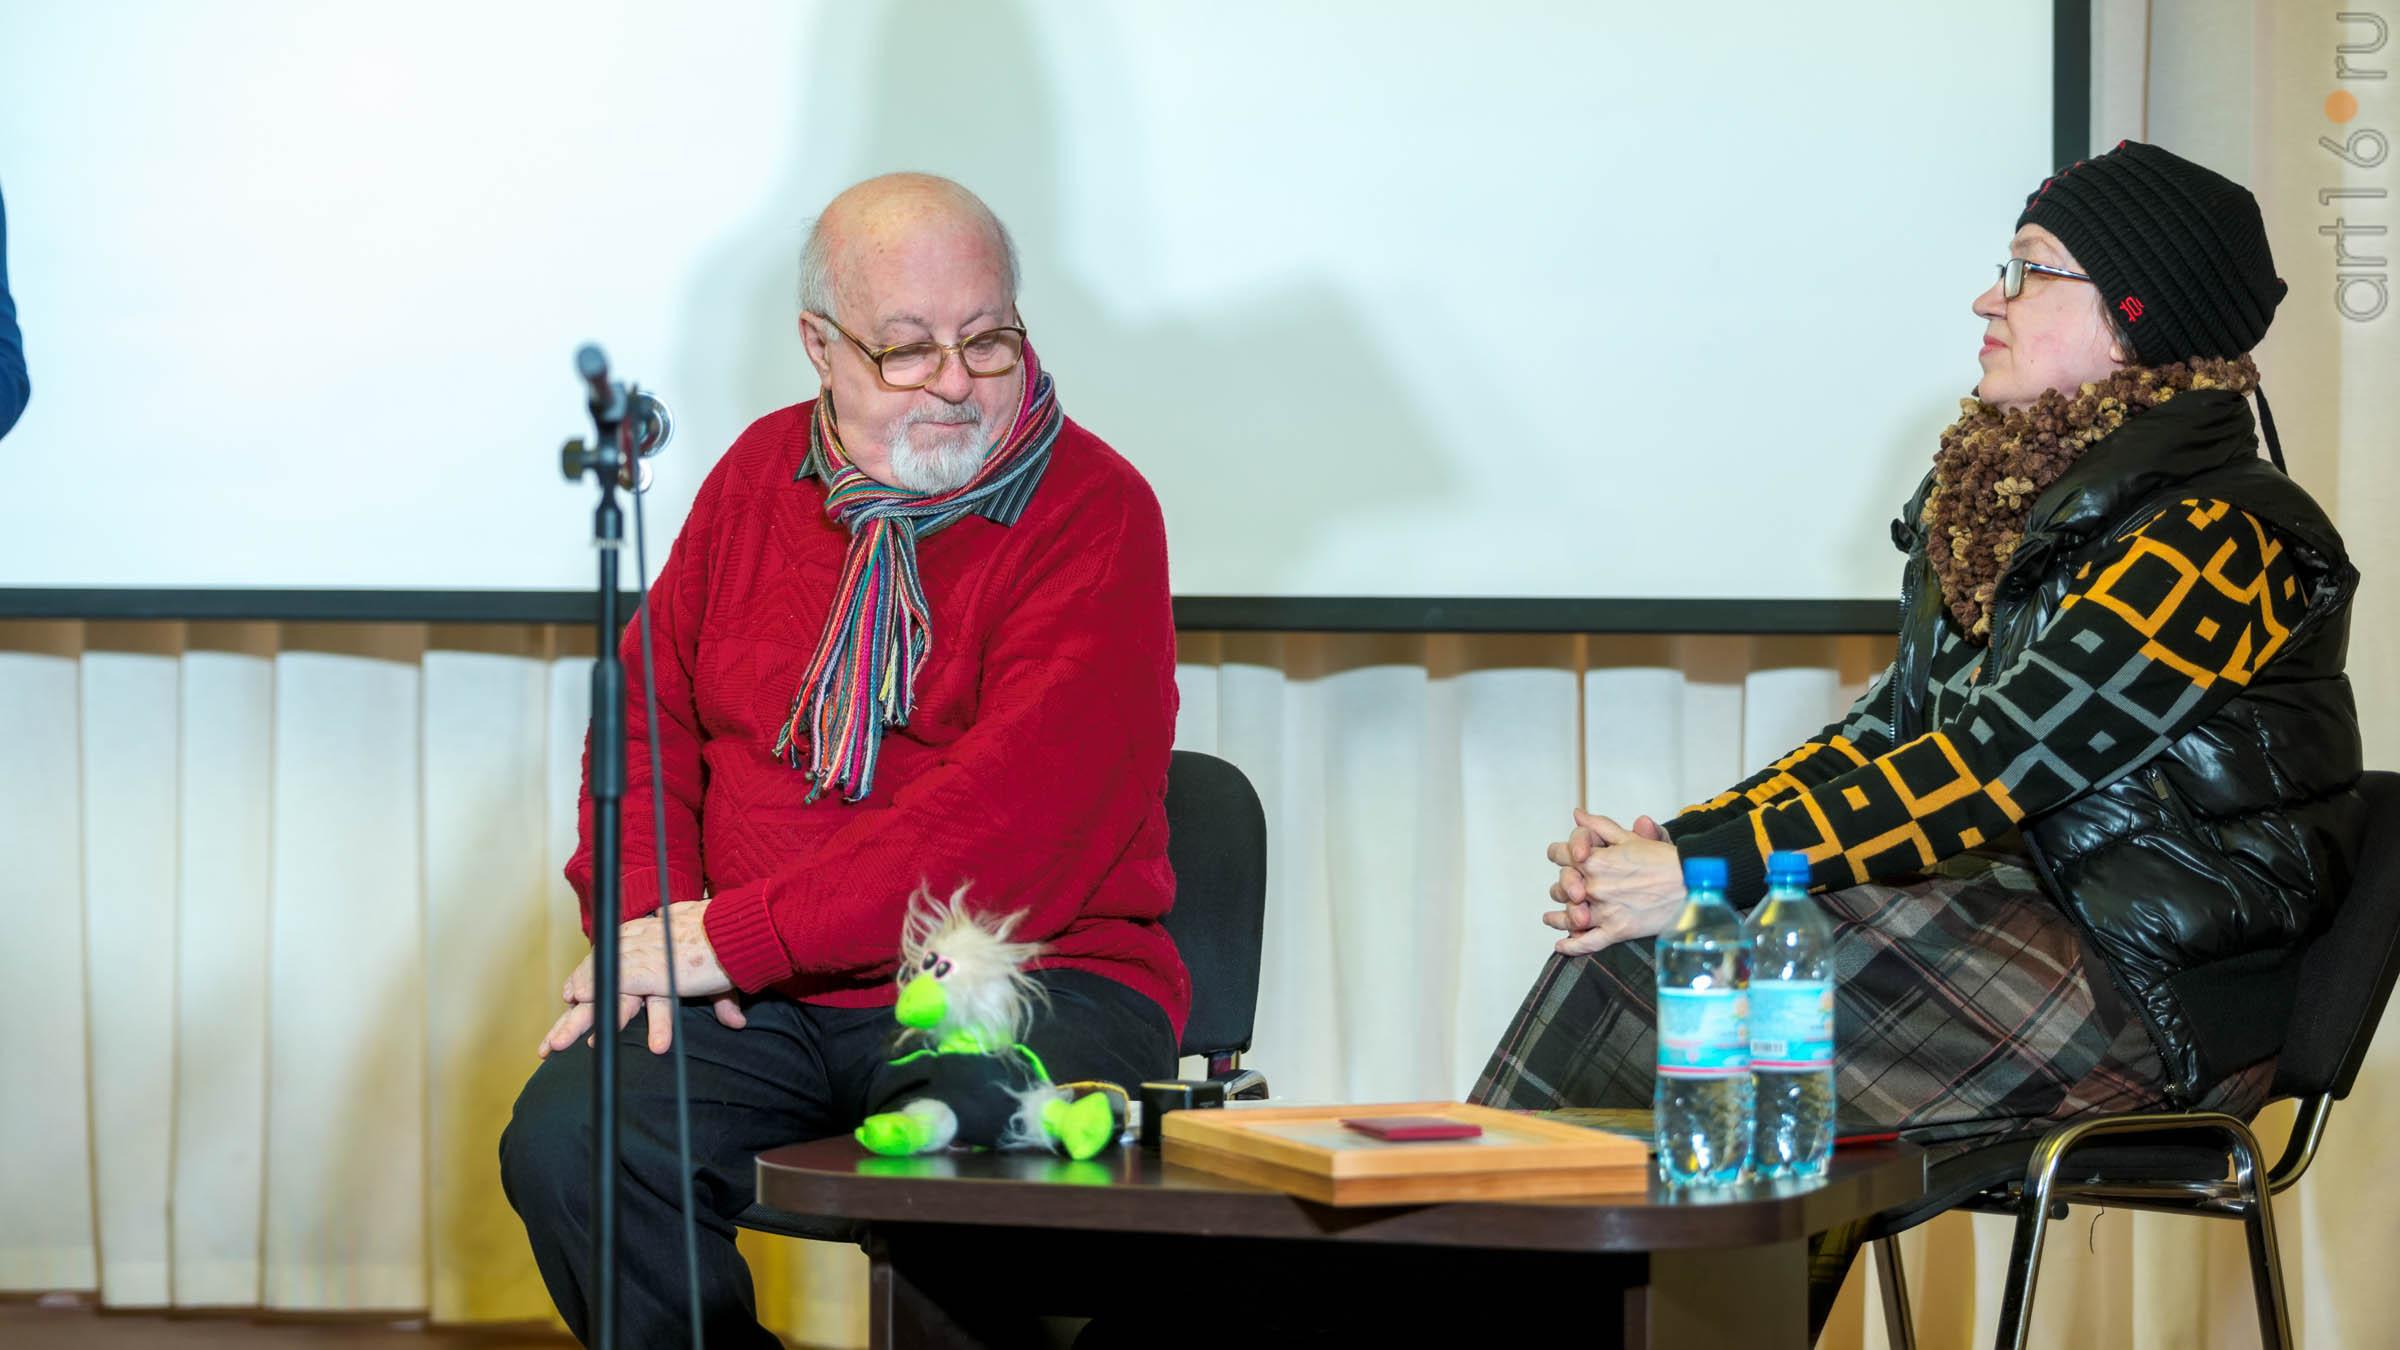 Борис Вайнер, Наиля Ахунова::20 лет ЛИТО «Белая ворона» и д.р. Бориса Вайнера